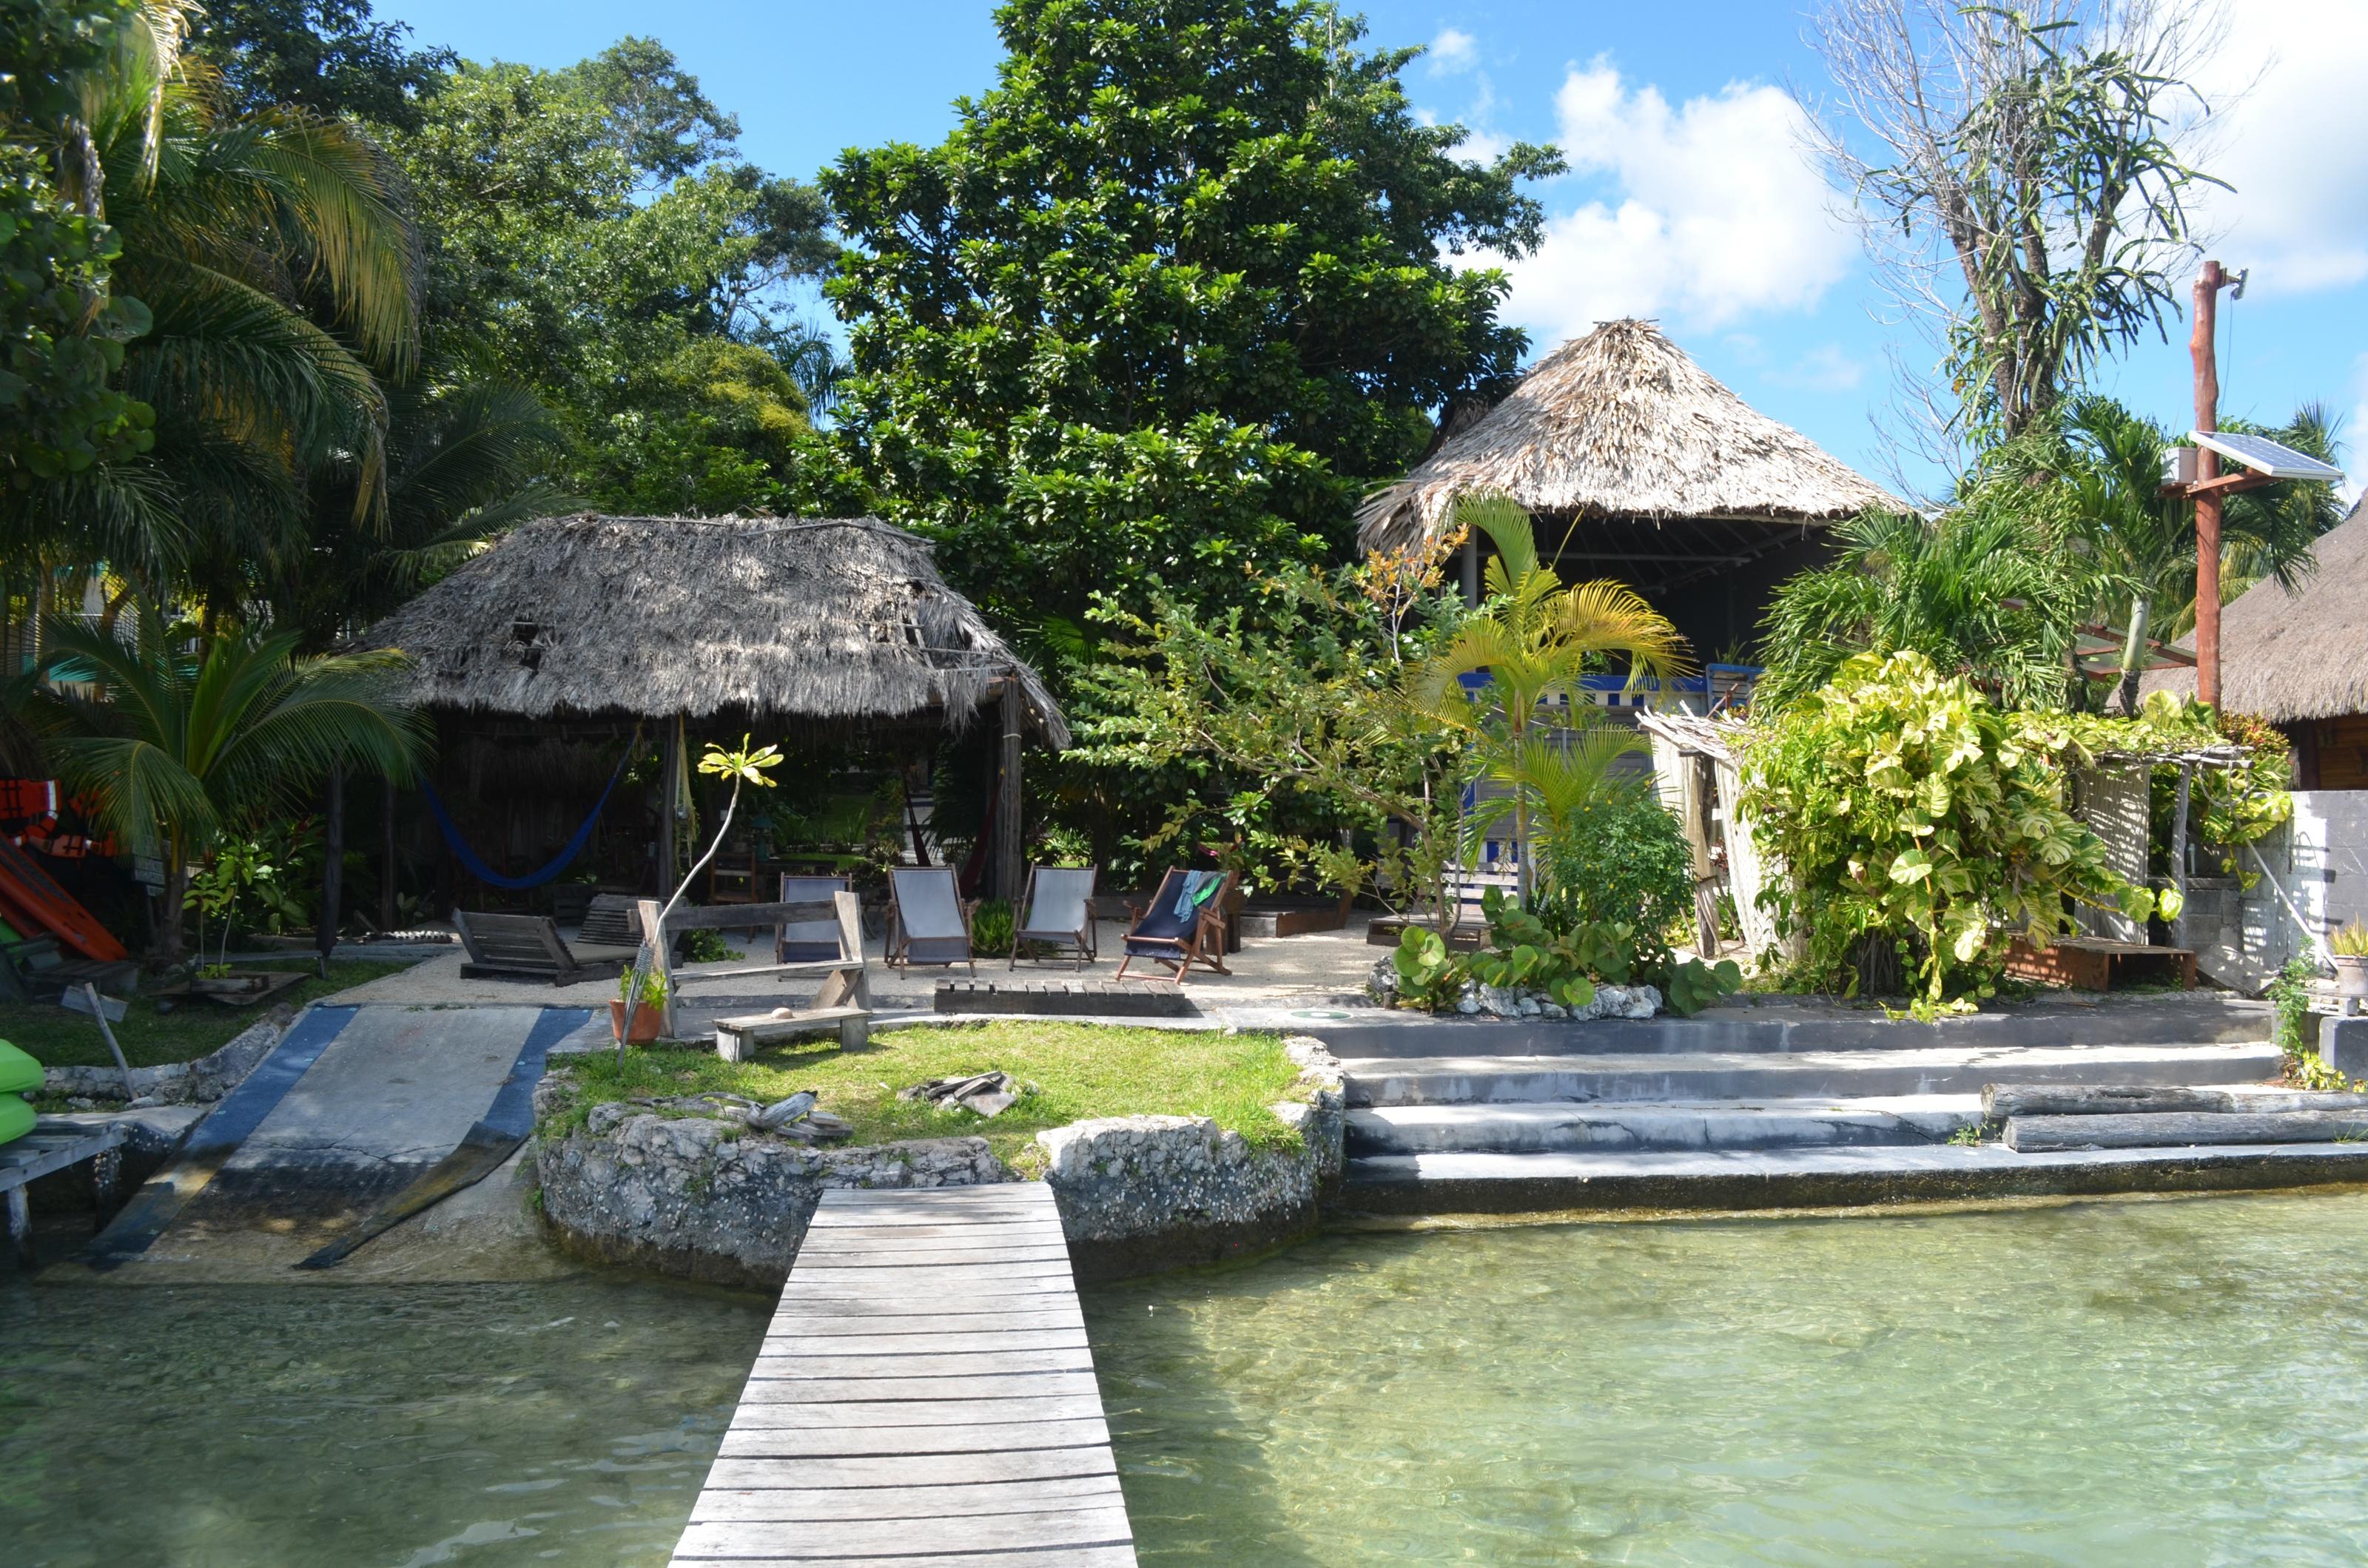 Idyllisch, gemütlich und direkt am See gelegen: Unser Hostel Pasado Lulu la Bruja.